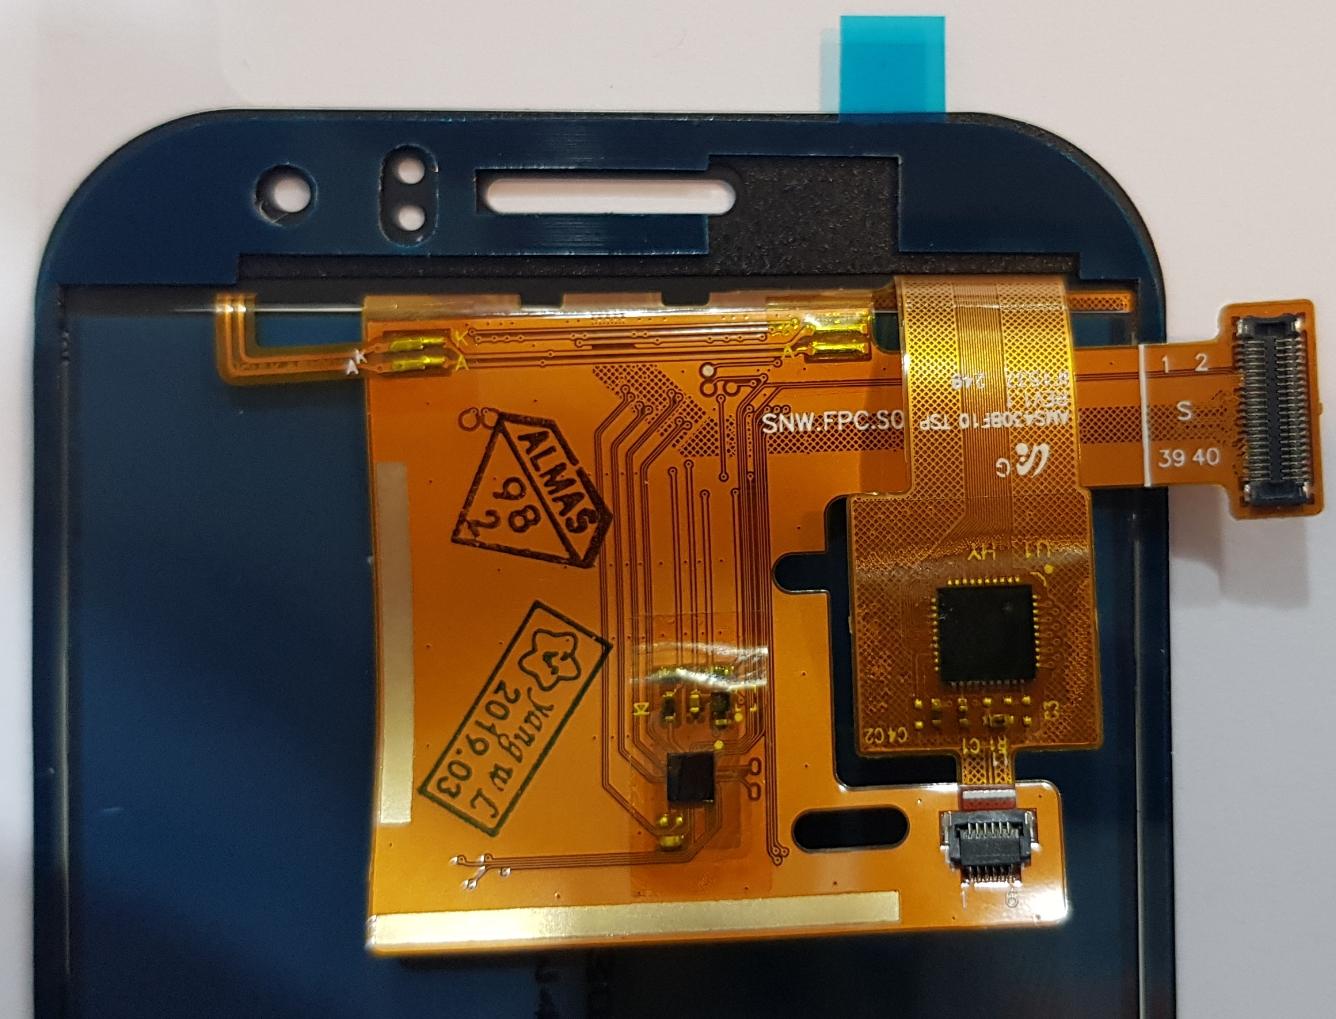 ال سی دی سامسونگ جی وان ایس/جی 110/جی111 (تی اف تی)-   LCD SAMSUNG J1 Ace/J110/J111 TFT